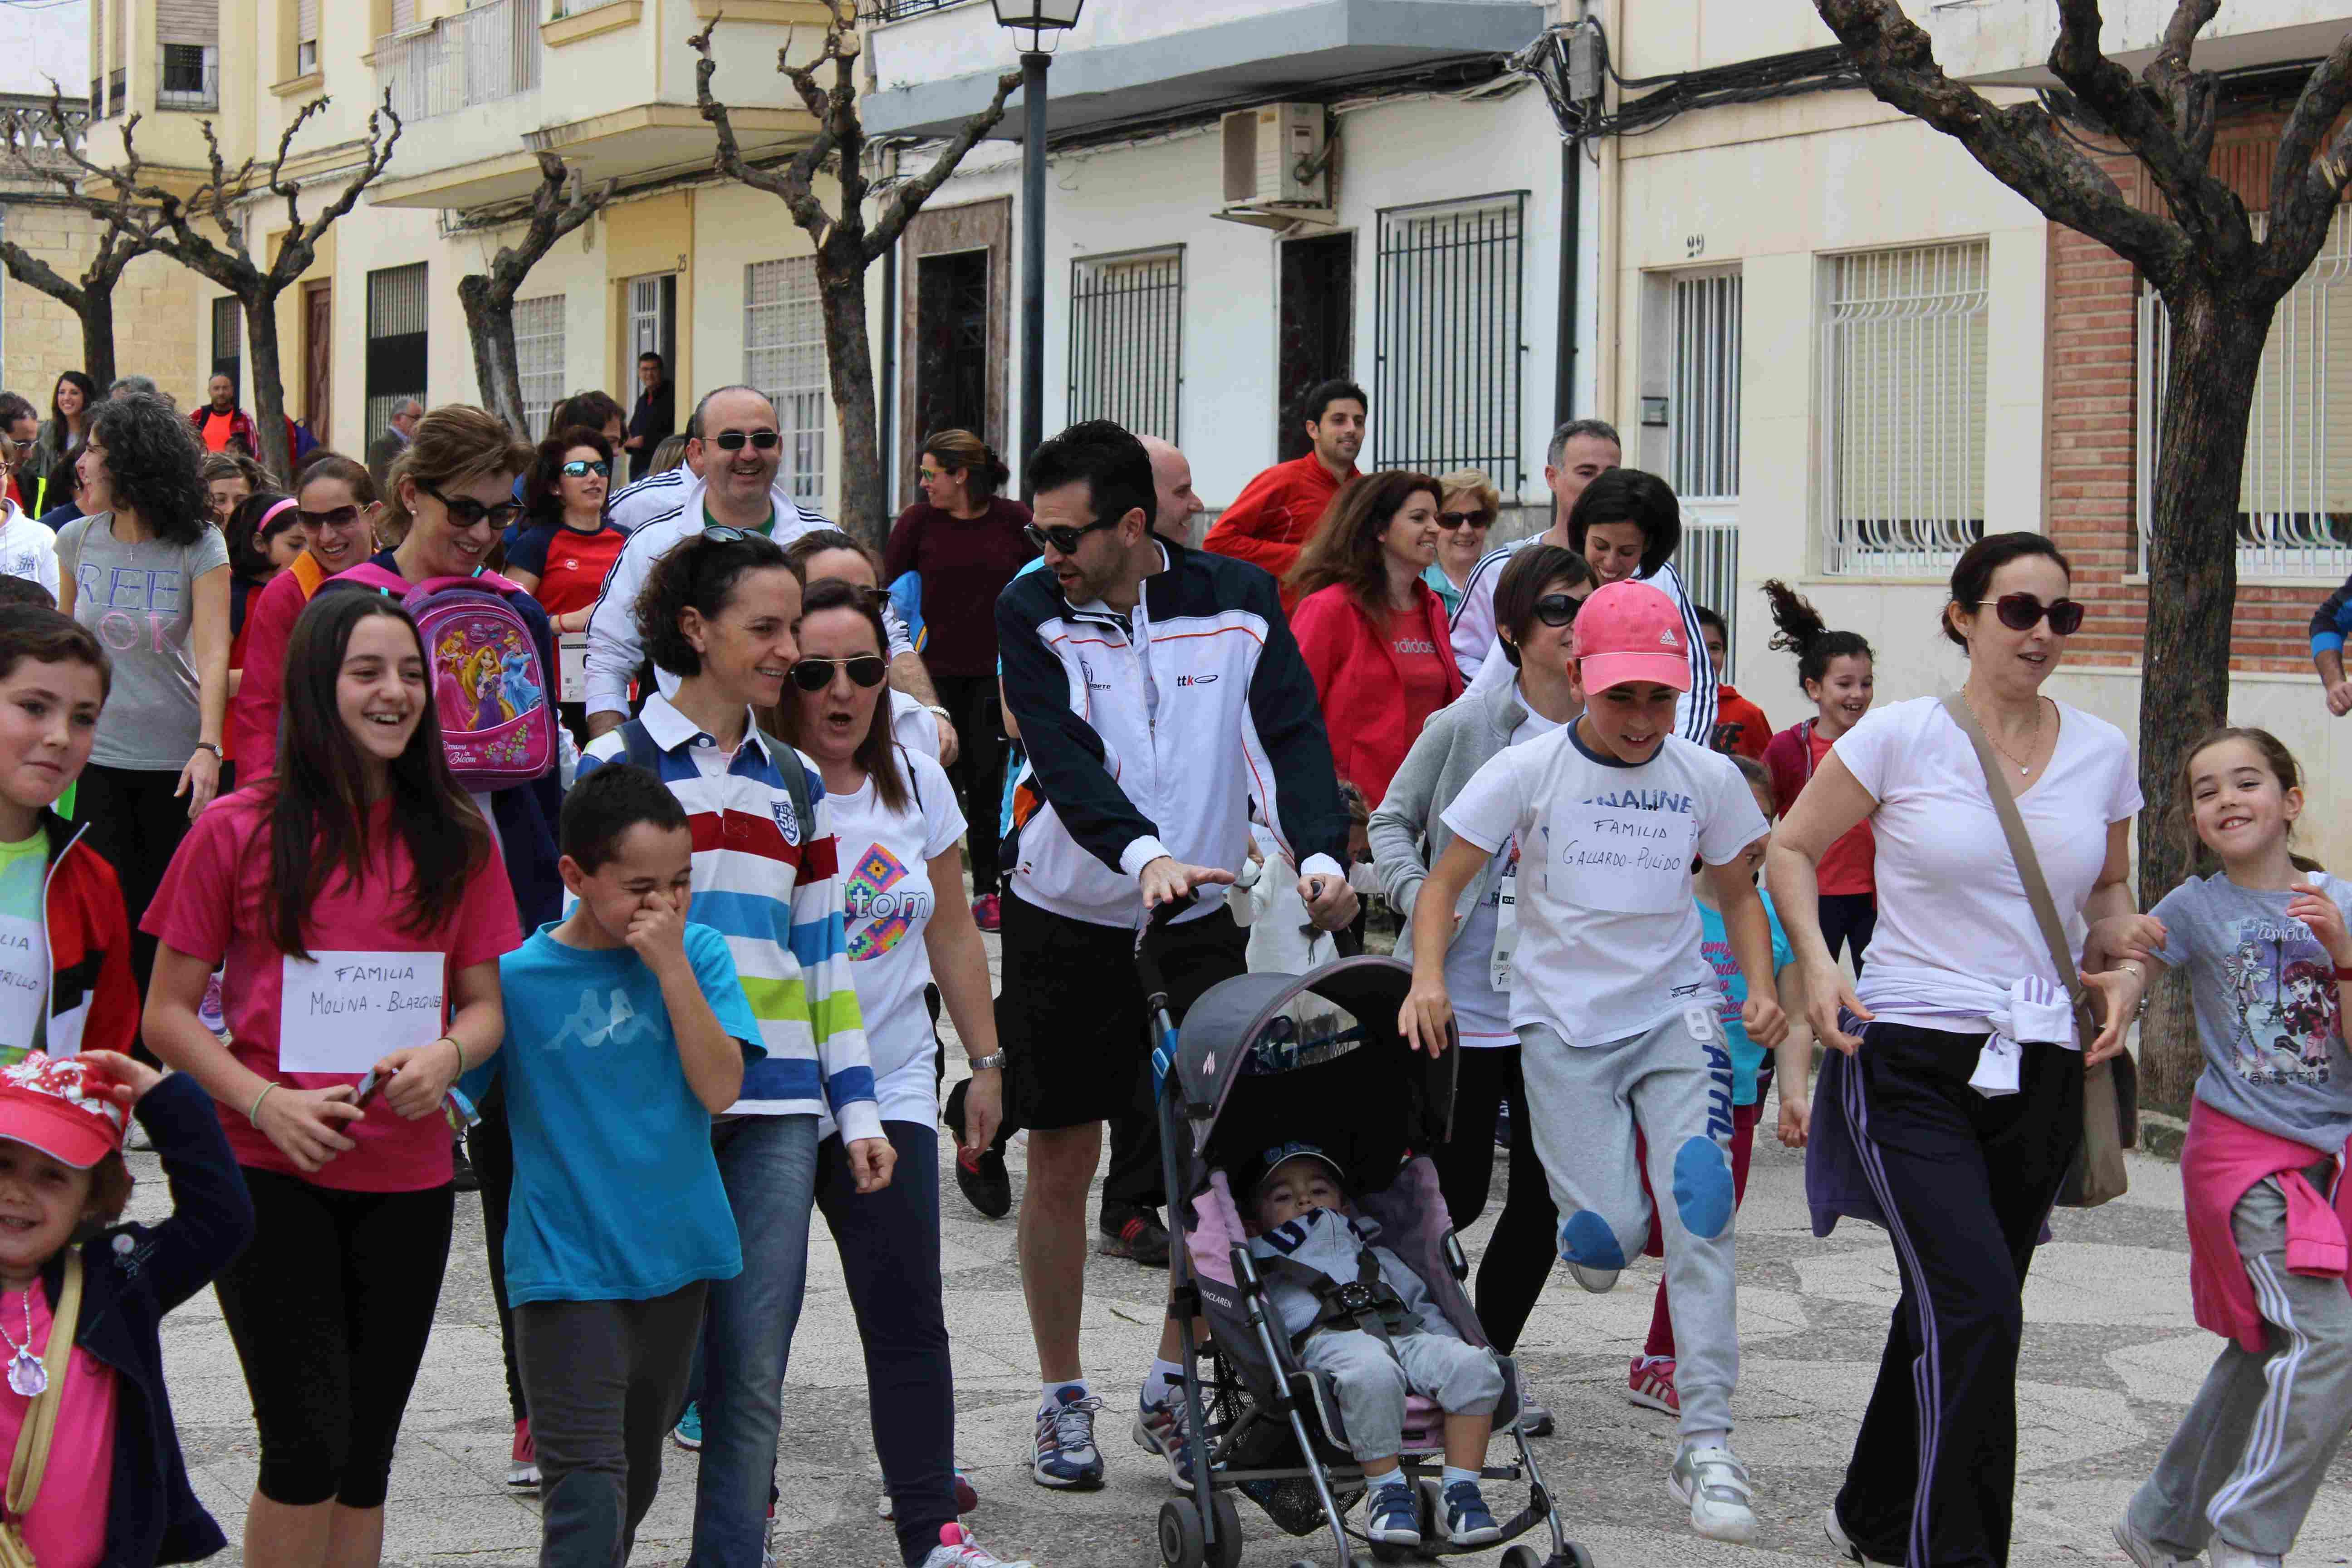 III Carrera y Marcha de la FamiliaIMG_6454